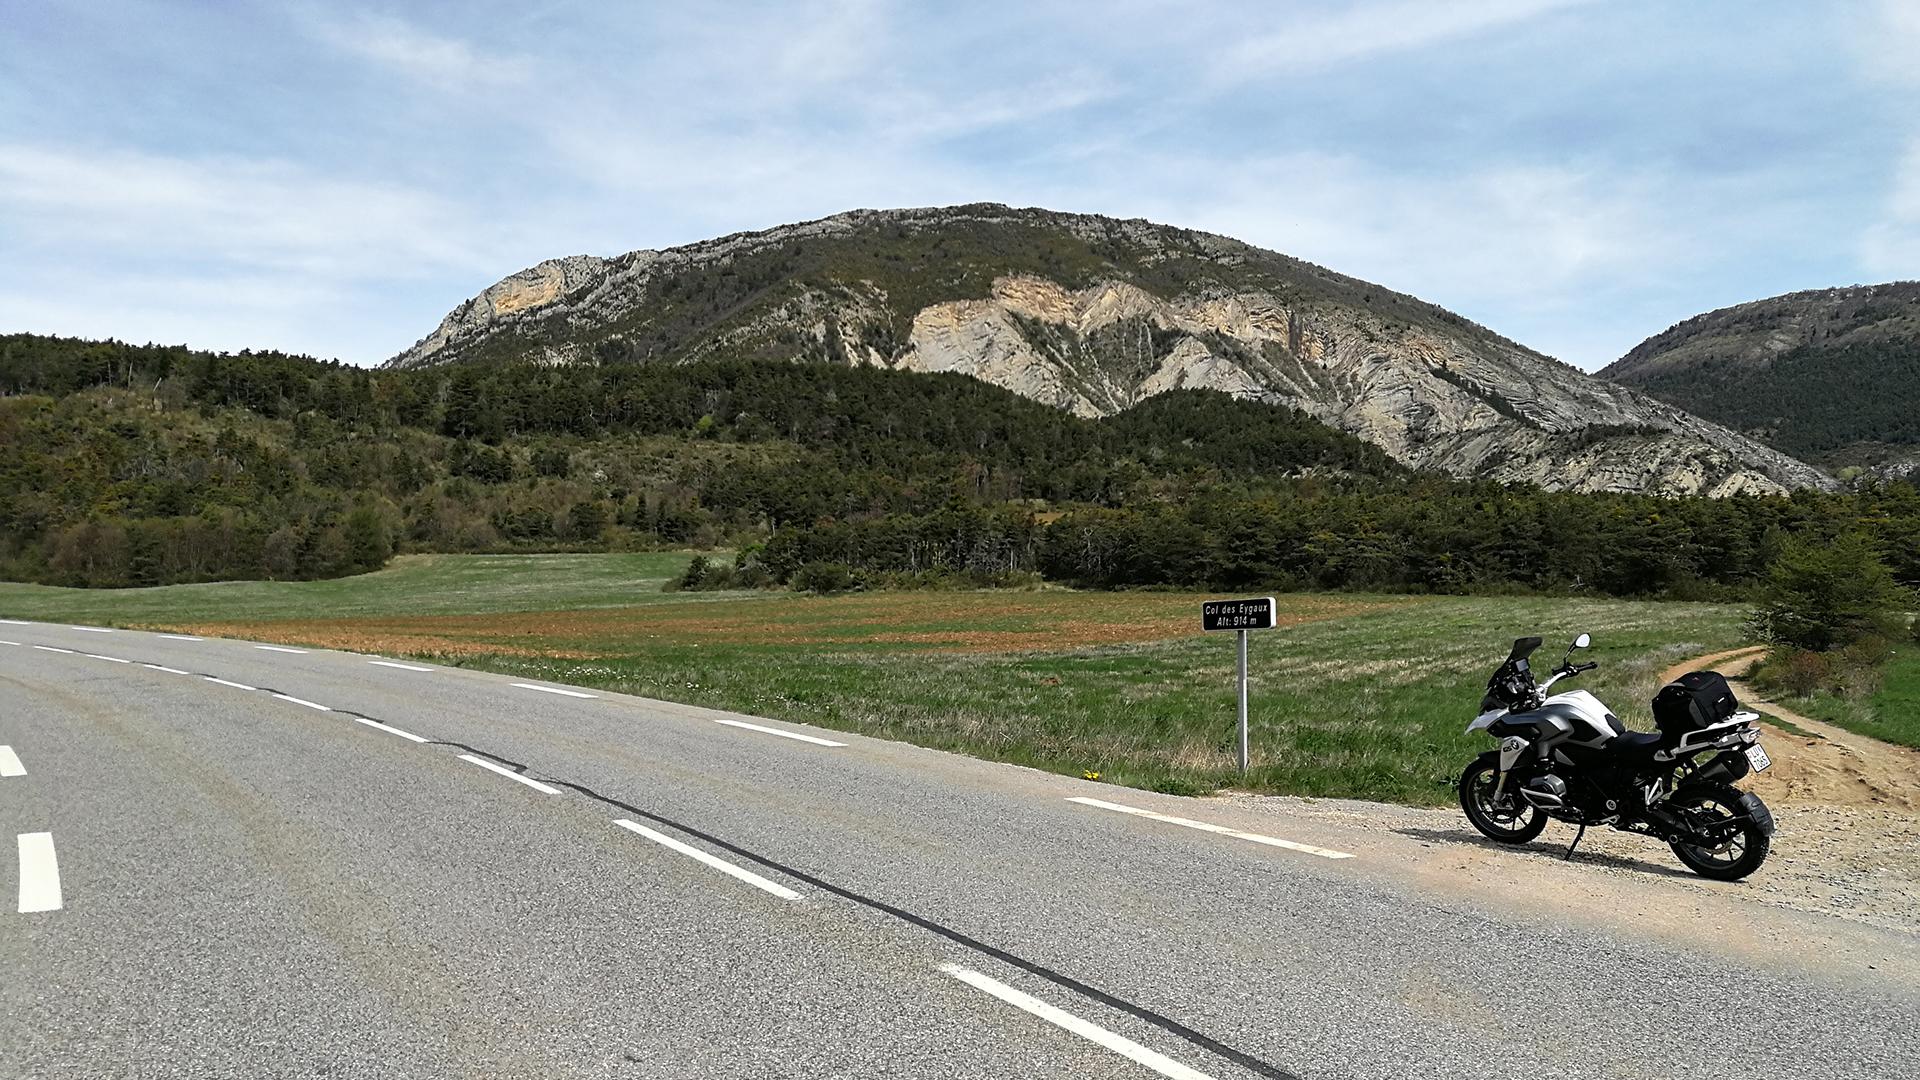 0914 - F - Col des Eygau